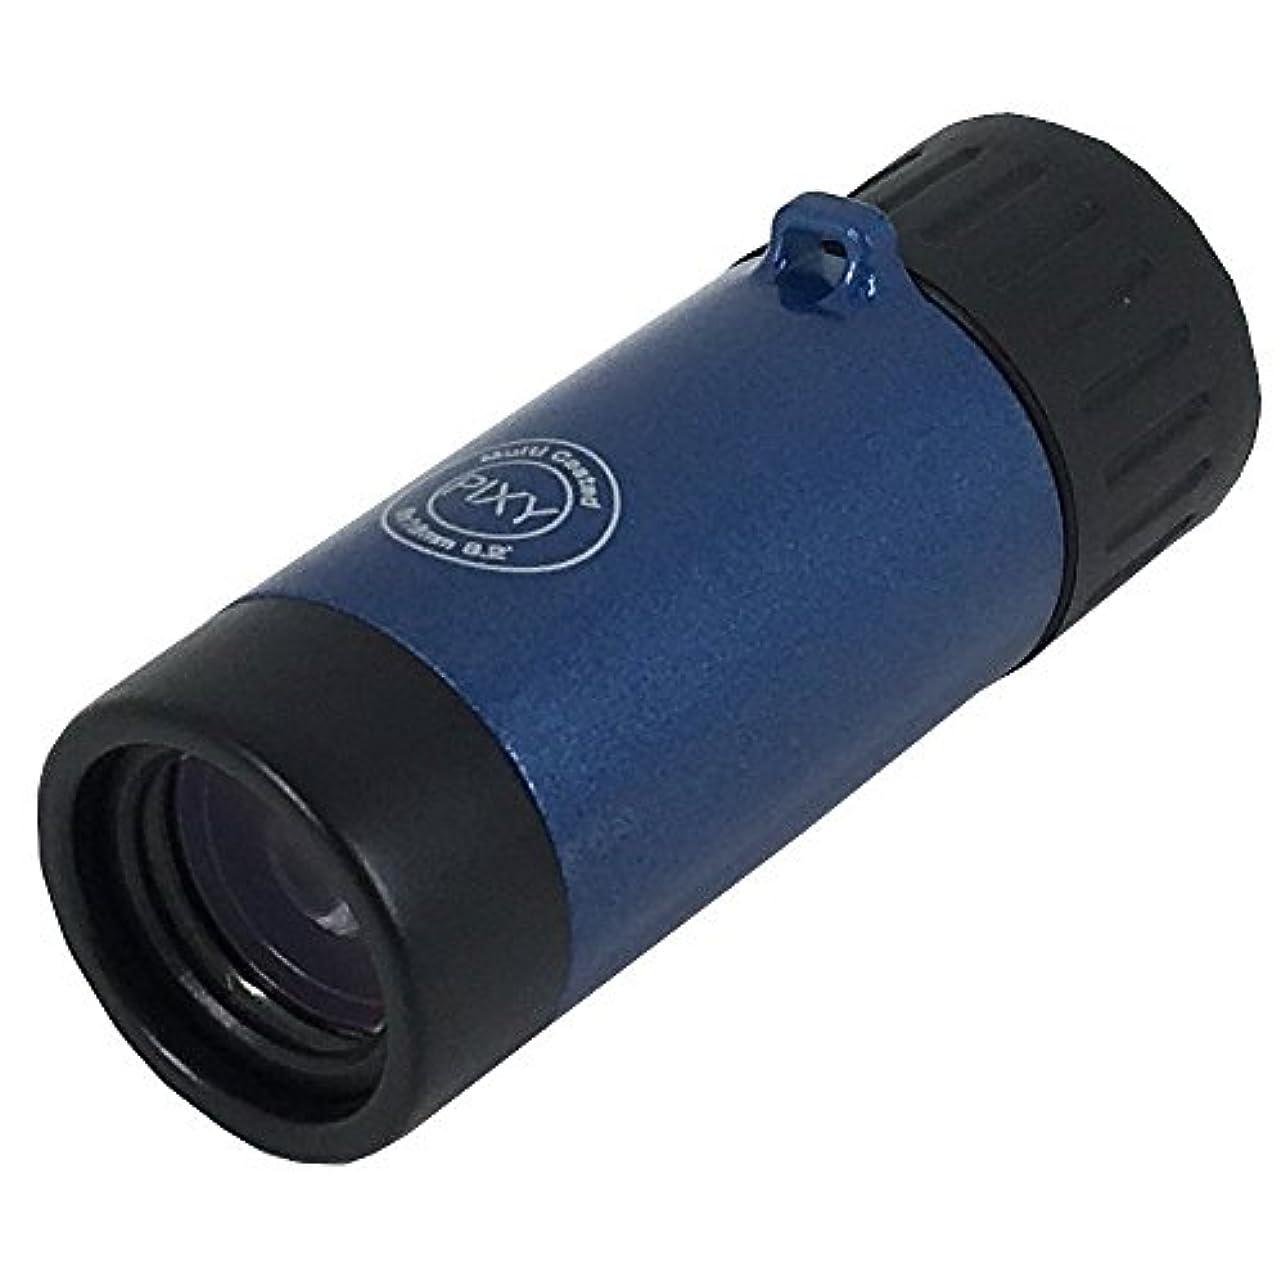 真実に省略するひどくPIXY マルチコート単眼鏡 PIXY 6x18 JP ブルー